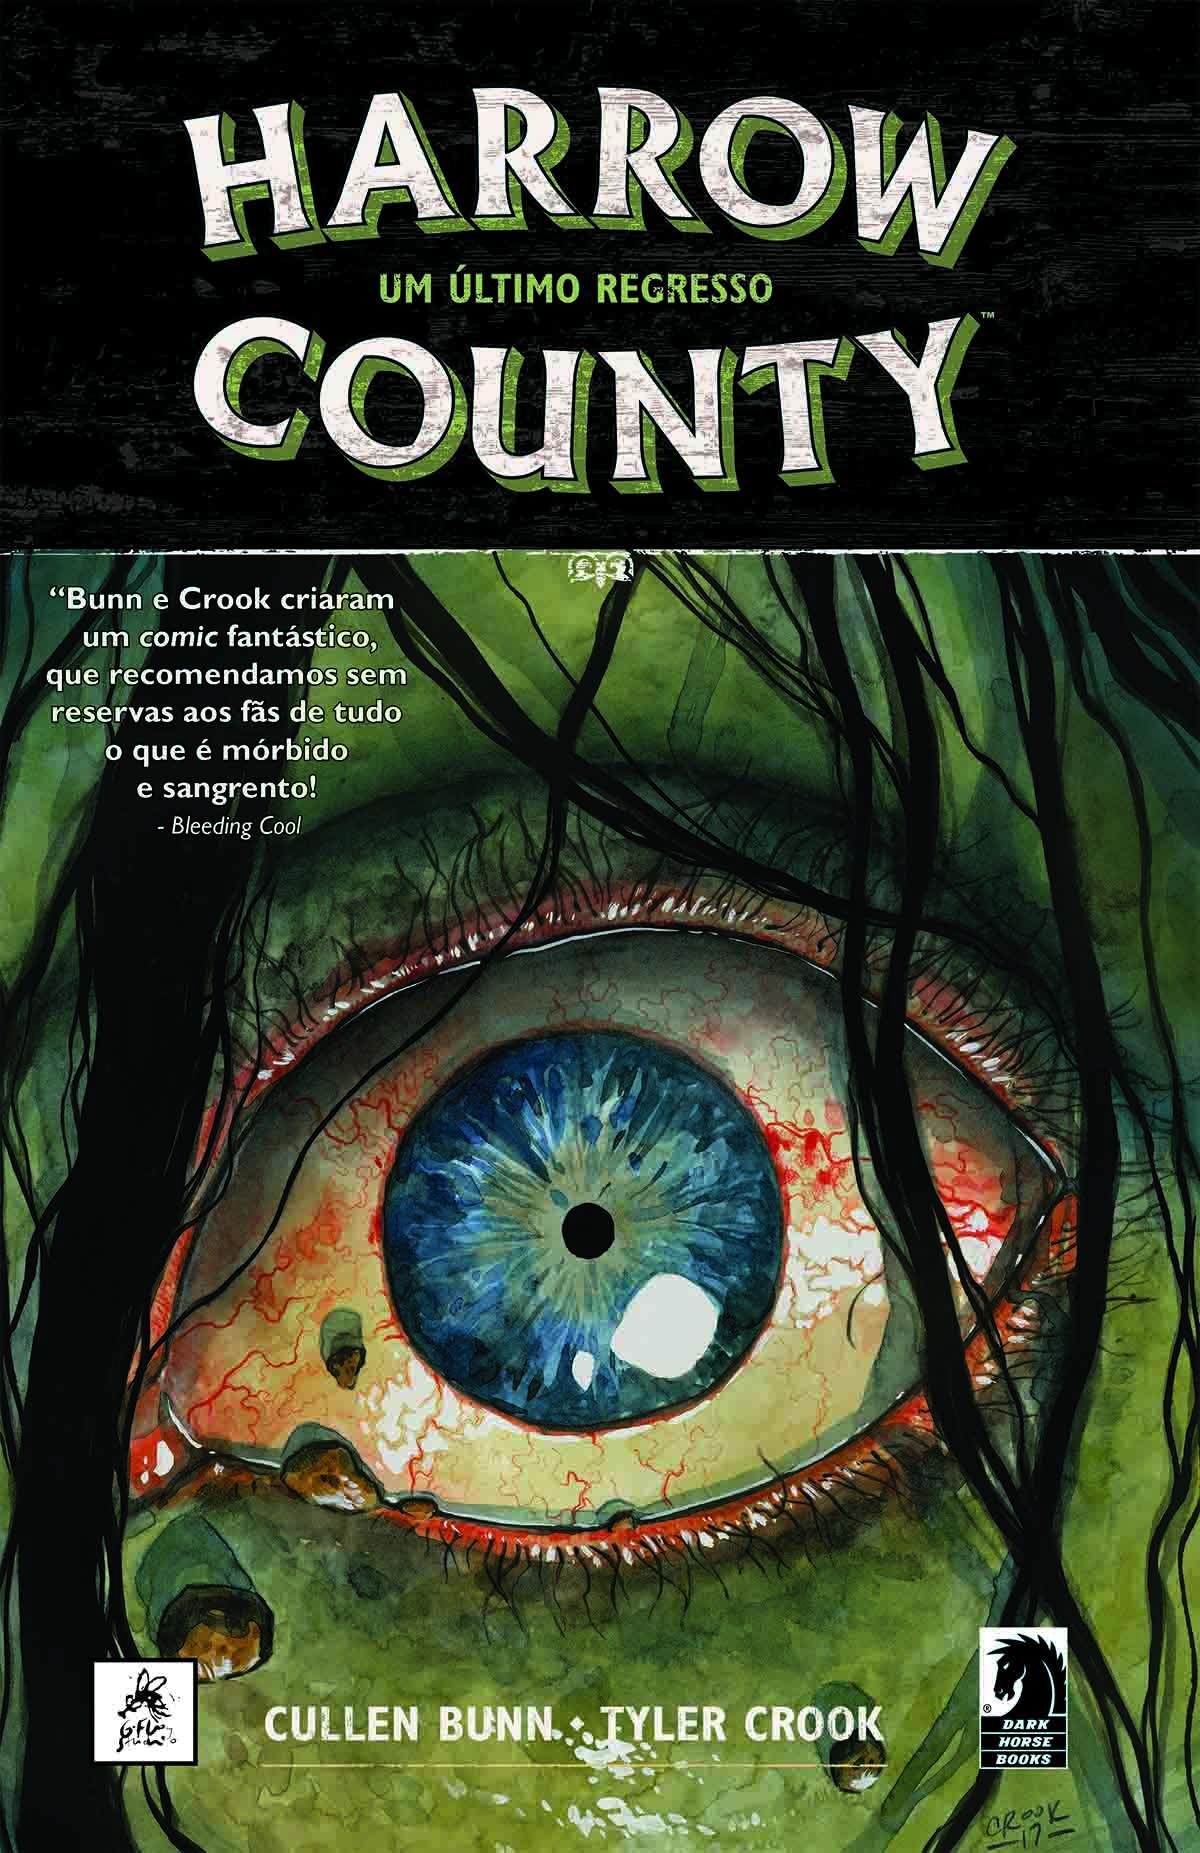 HARROW COUNTY volume 8: Um Último Regresso